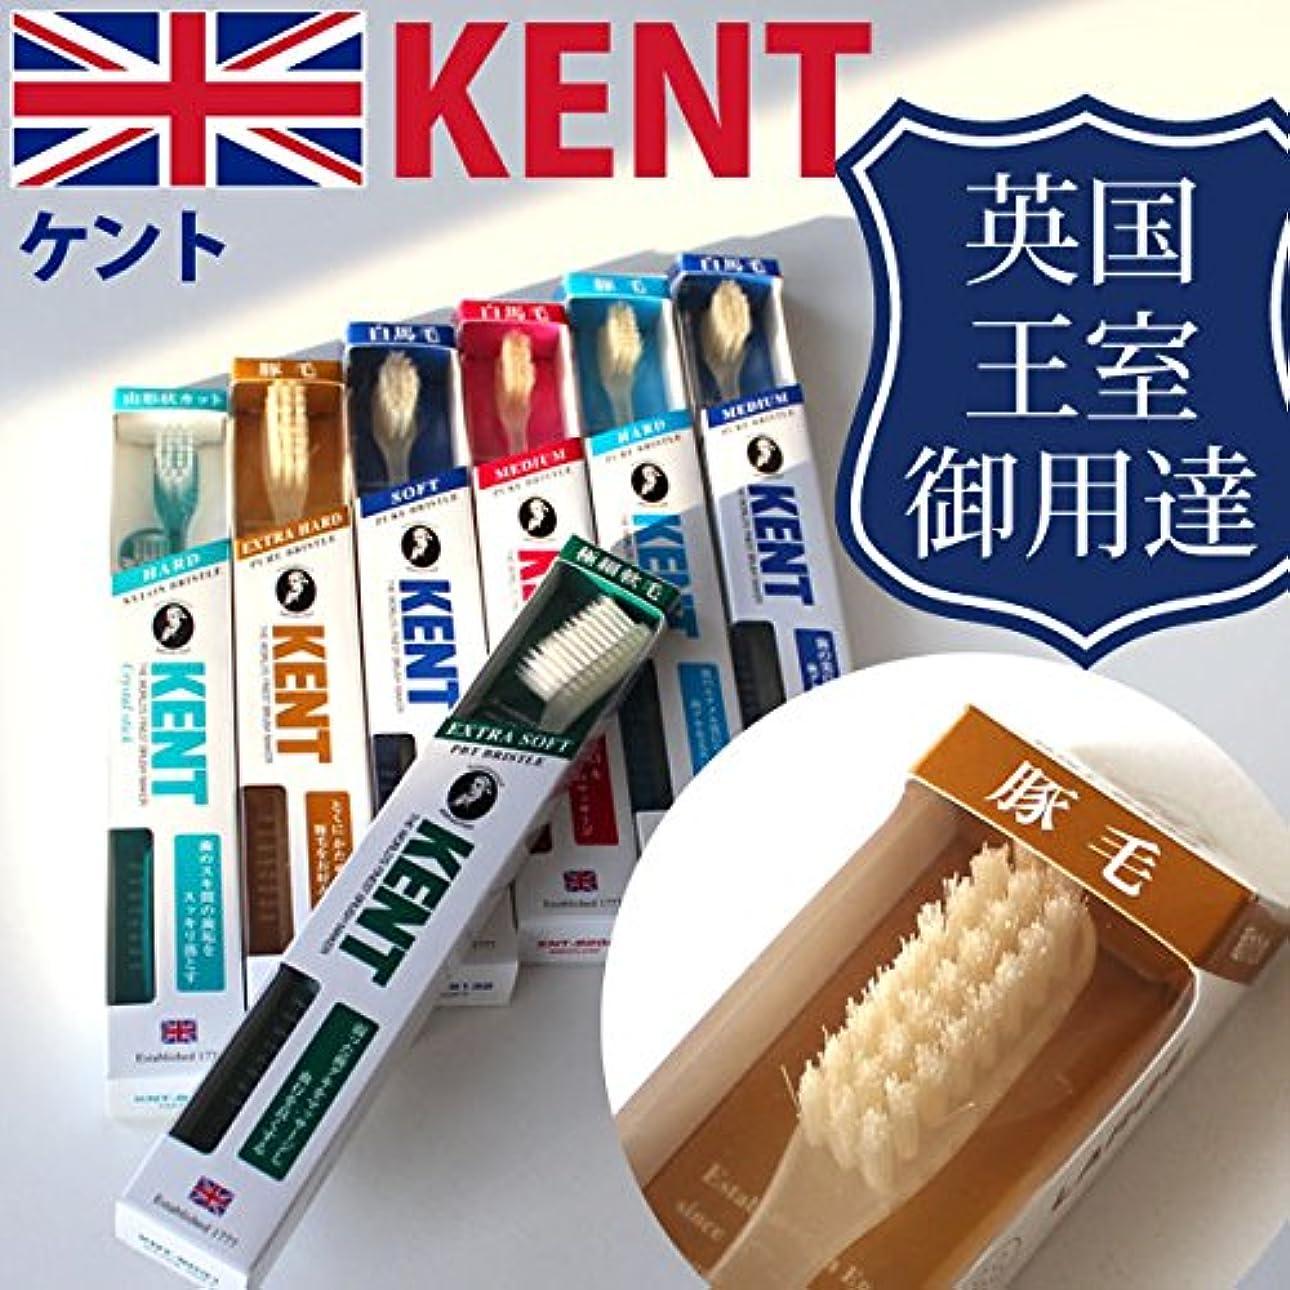 正確架空の免疫ケント KENT 豚毛 ラージヘッド 歯ブラシKNT-9433 超かため 6本入り しっかり磨ける天然毛のラジヘ